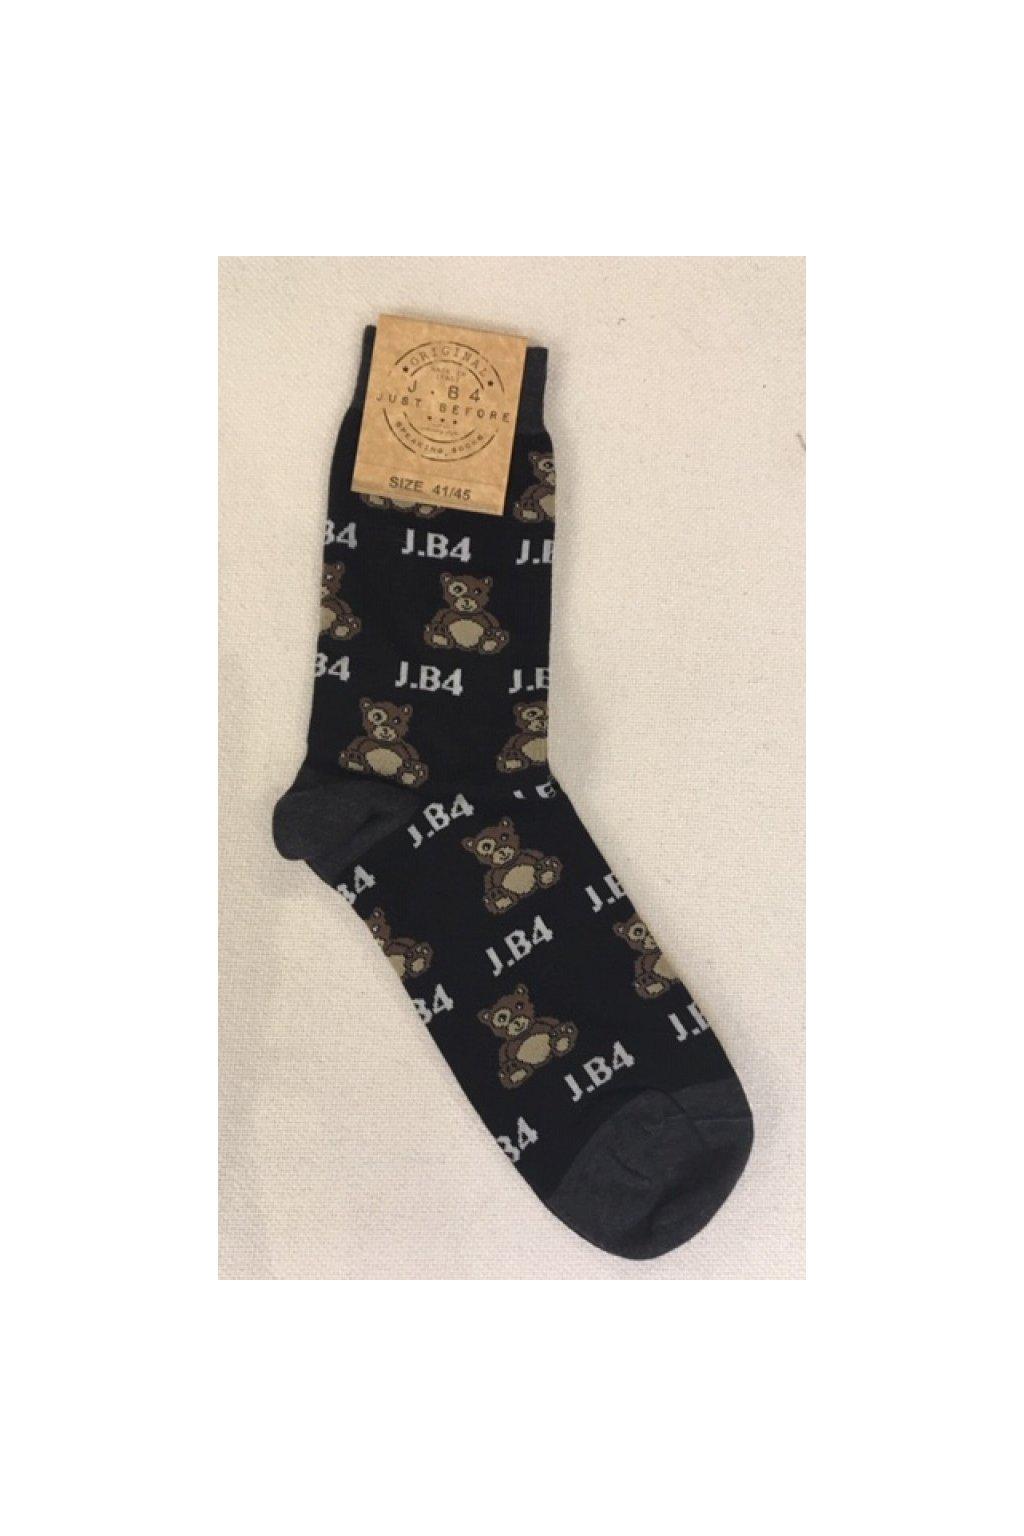 Ponožky s medvídkama J.B4 - černé (Velikost Velikost 41/45)